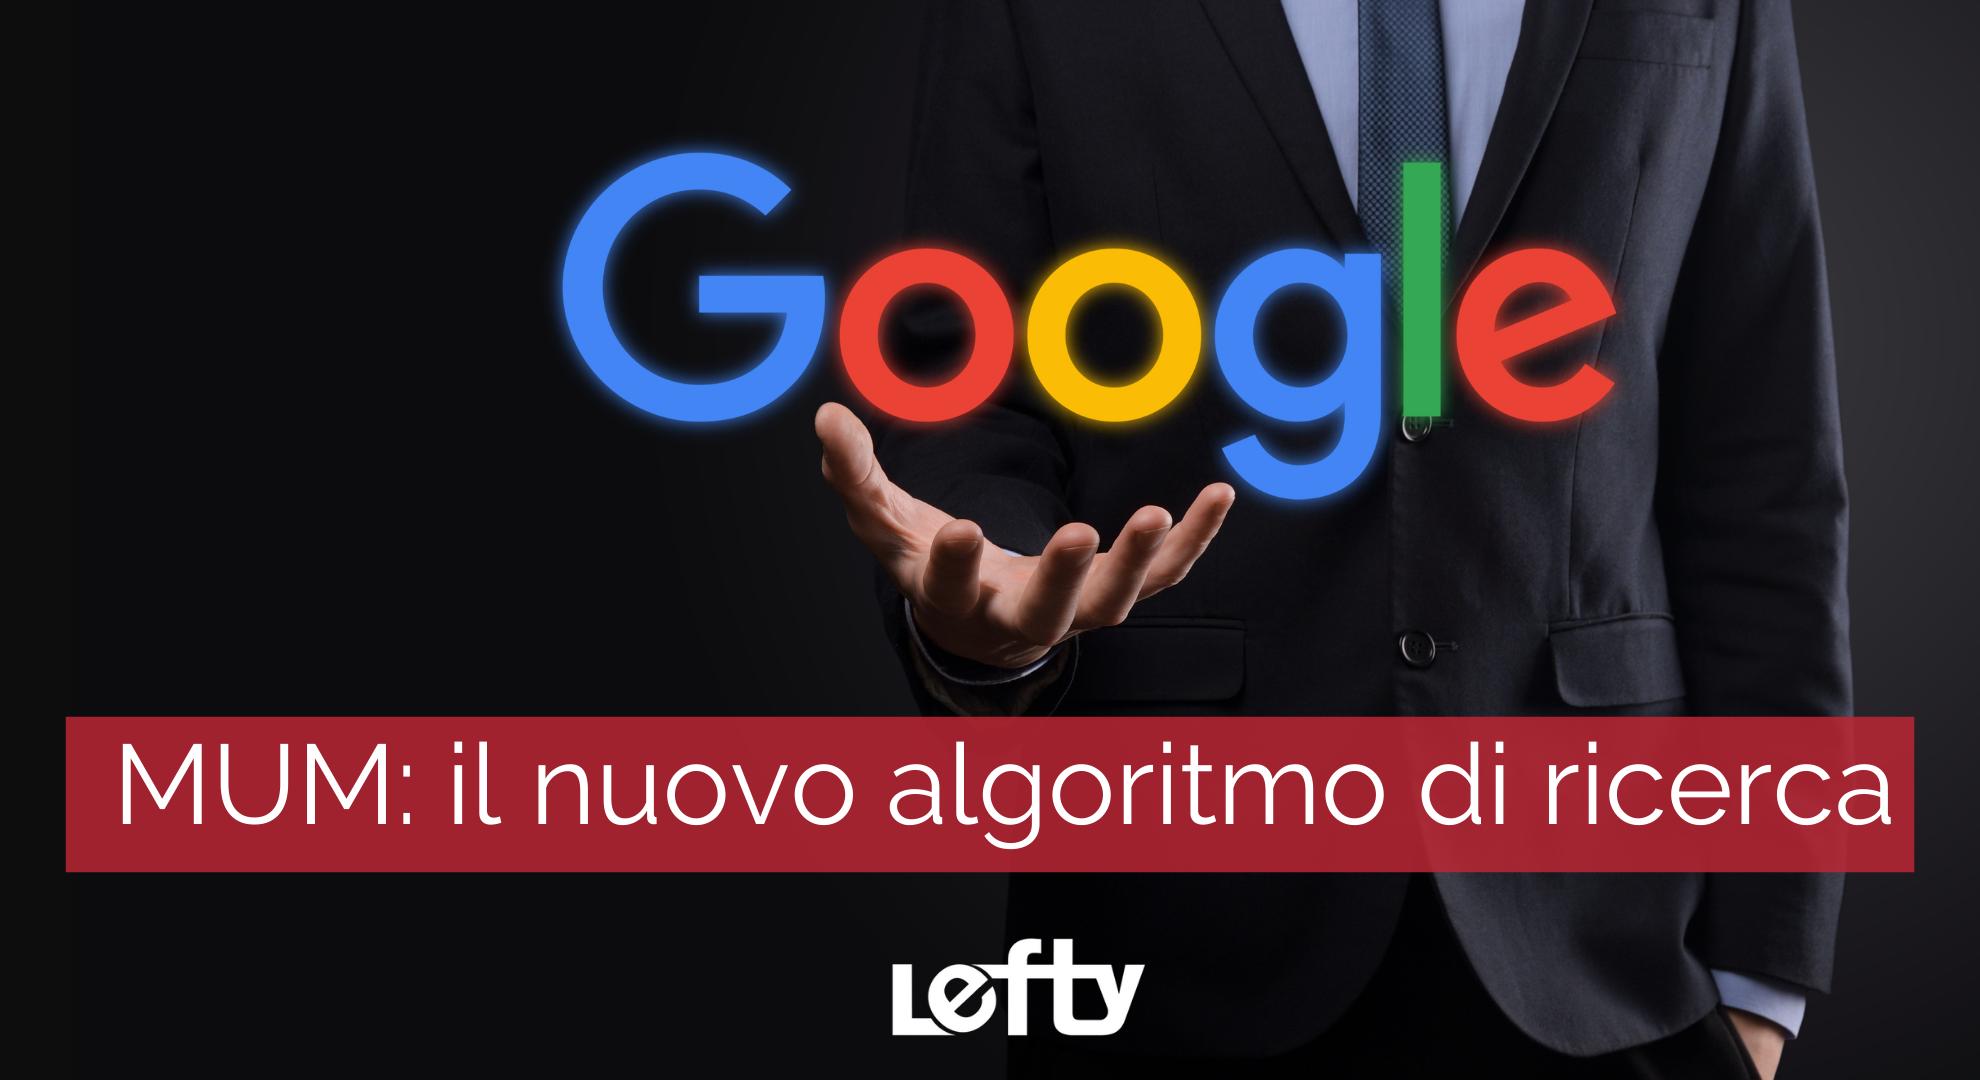 Google MUM: il nuovo algoritmo di ricerca che sostituirà BERT